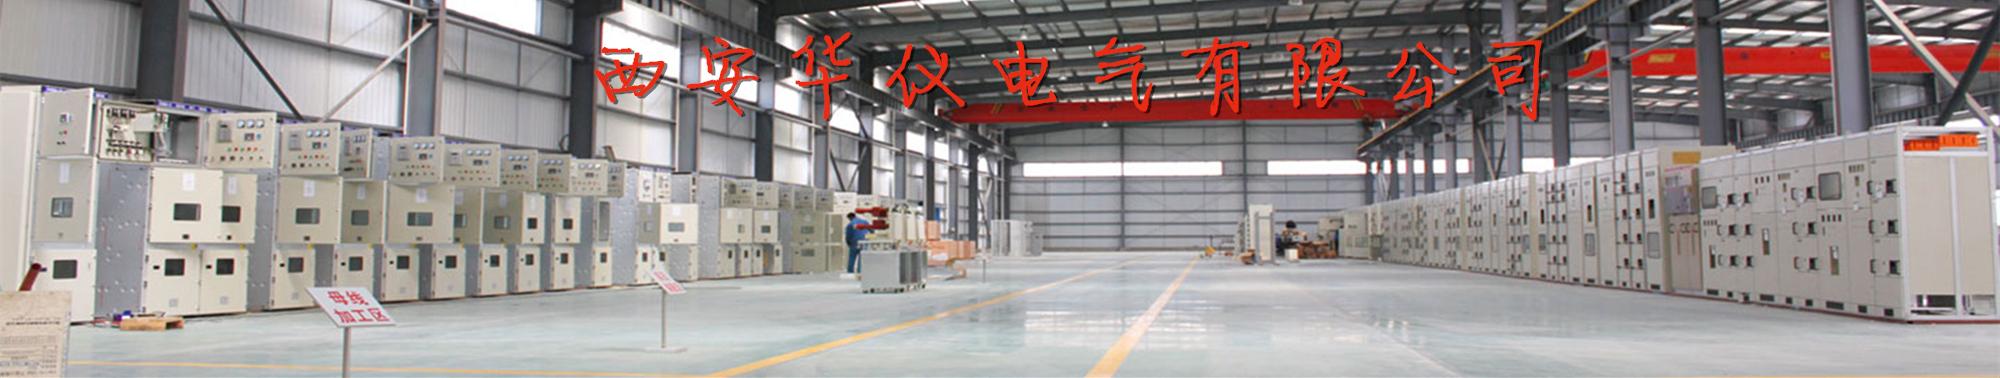 西安华仪电气有限公司